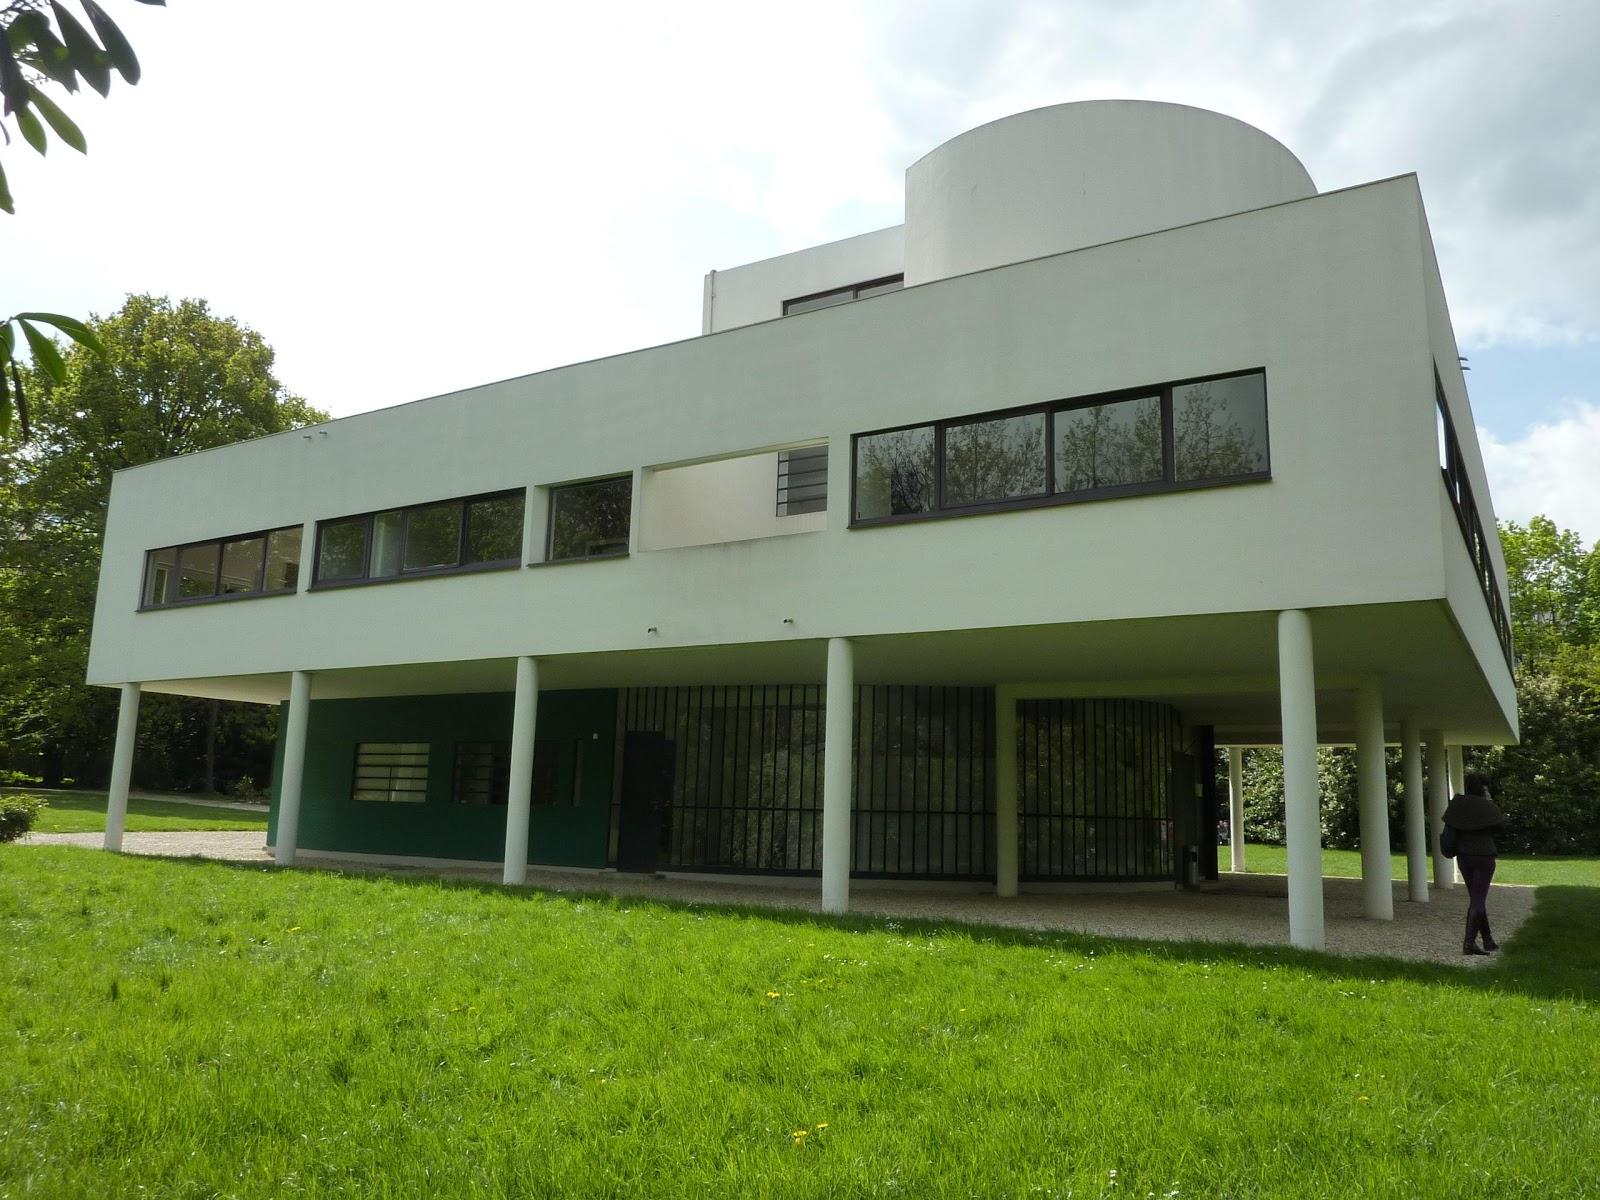 Plan de maison cubique toit plat for Plan de maison cubique toit plat